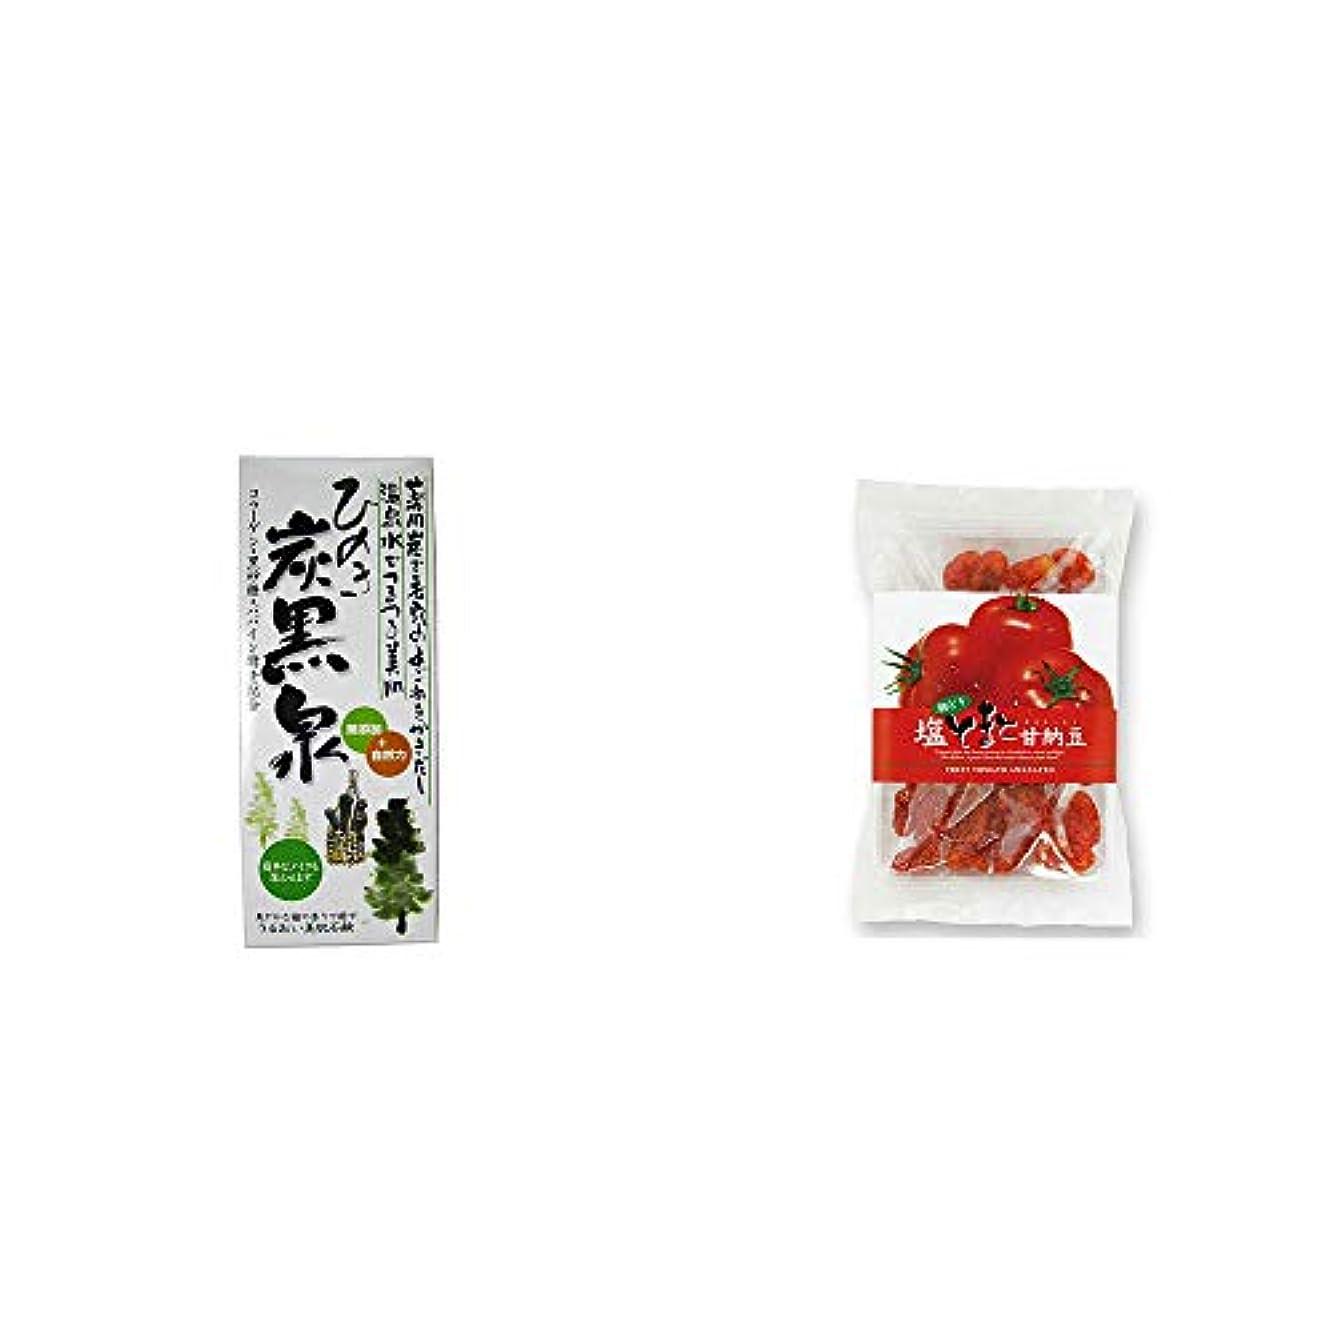 [2点セット] ひのき炭黒泉 箱入り(75g×3)?朝どり 塩とまと甘納豆(150g)